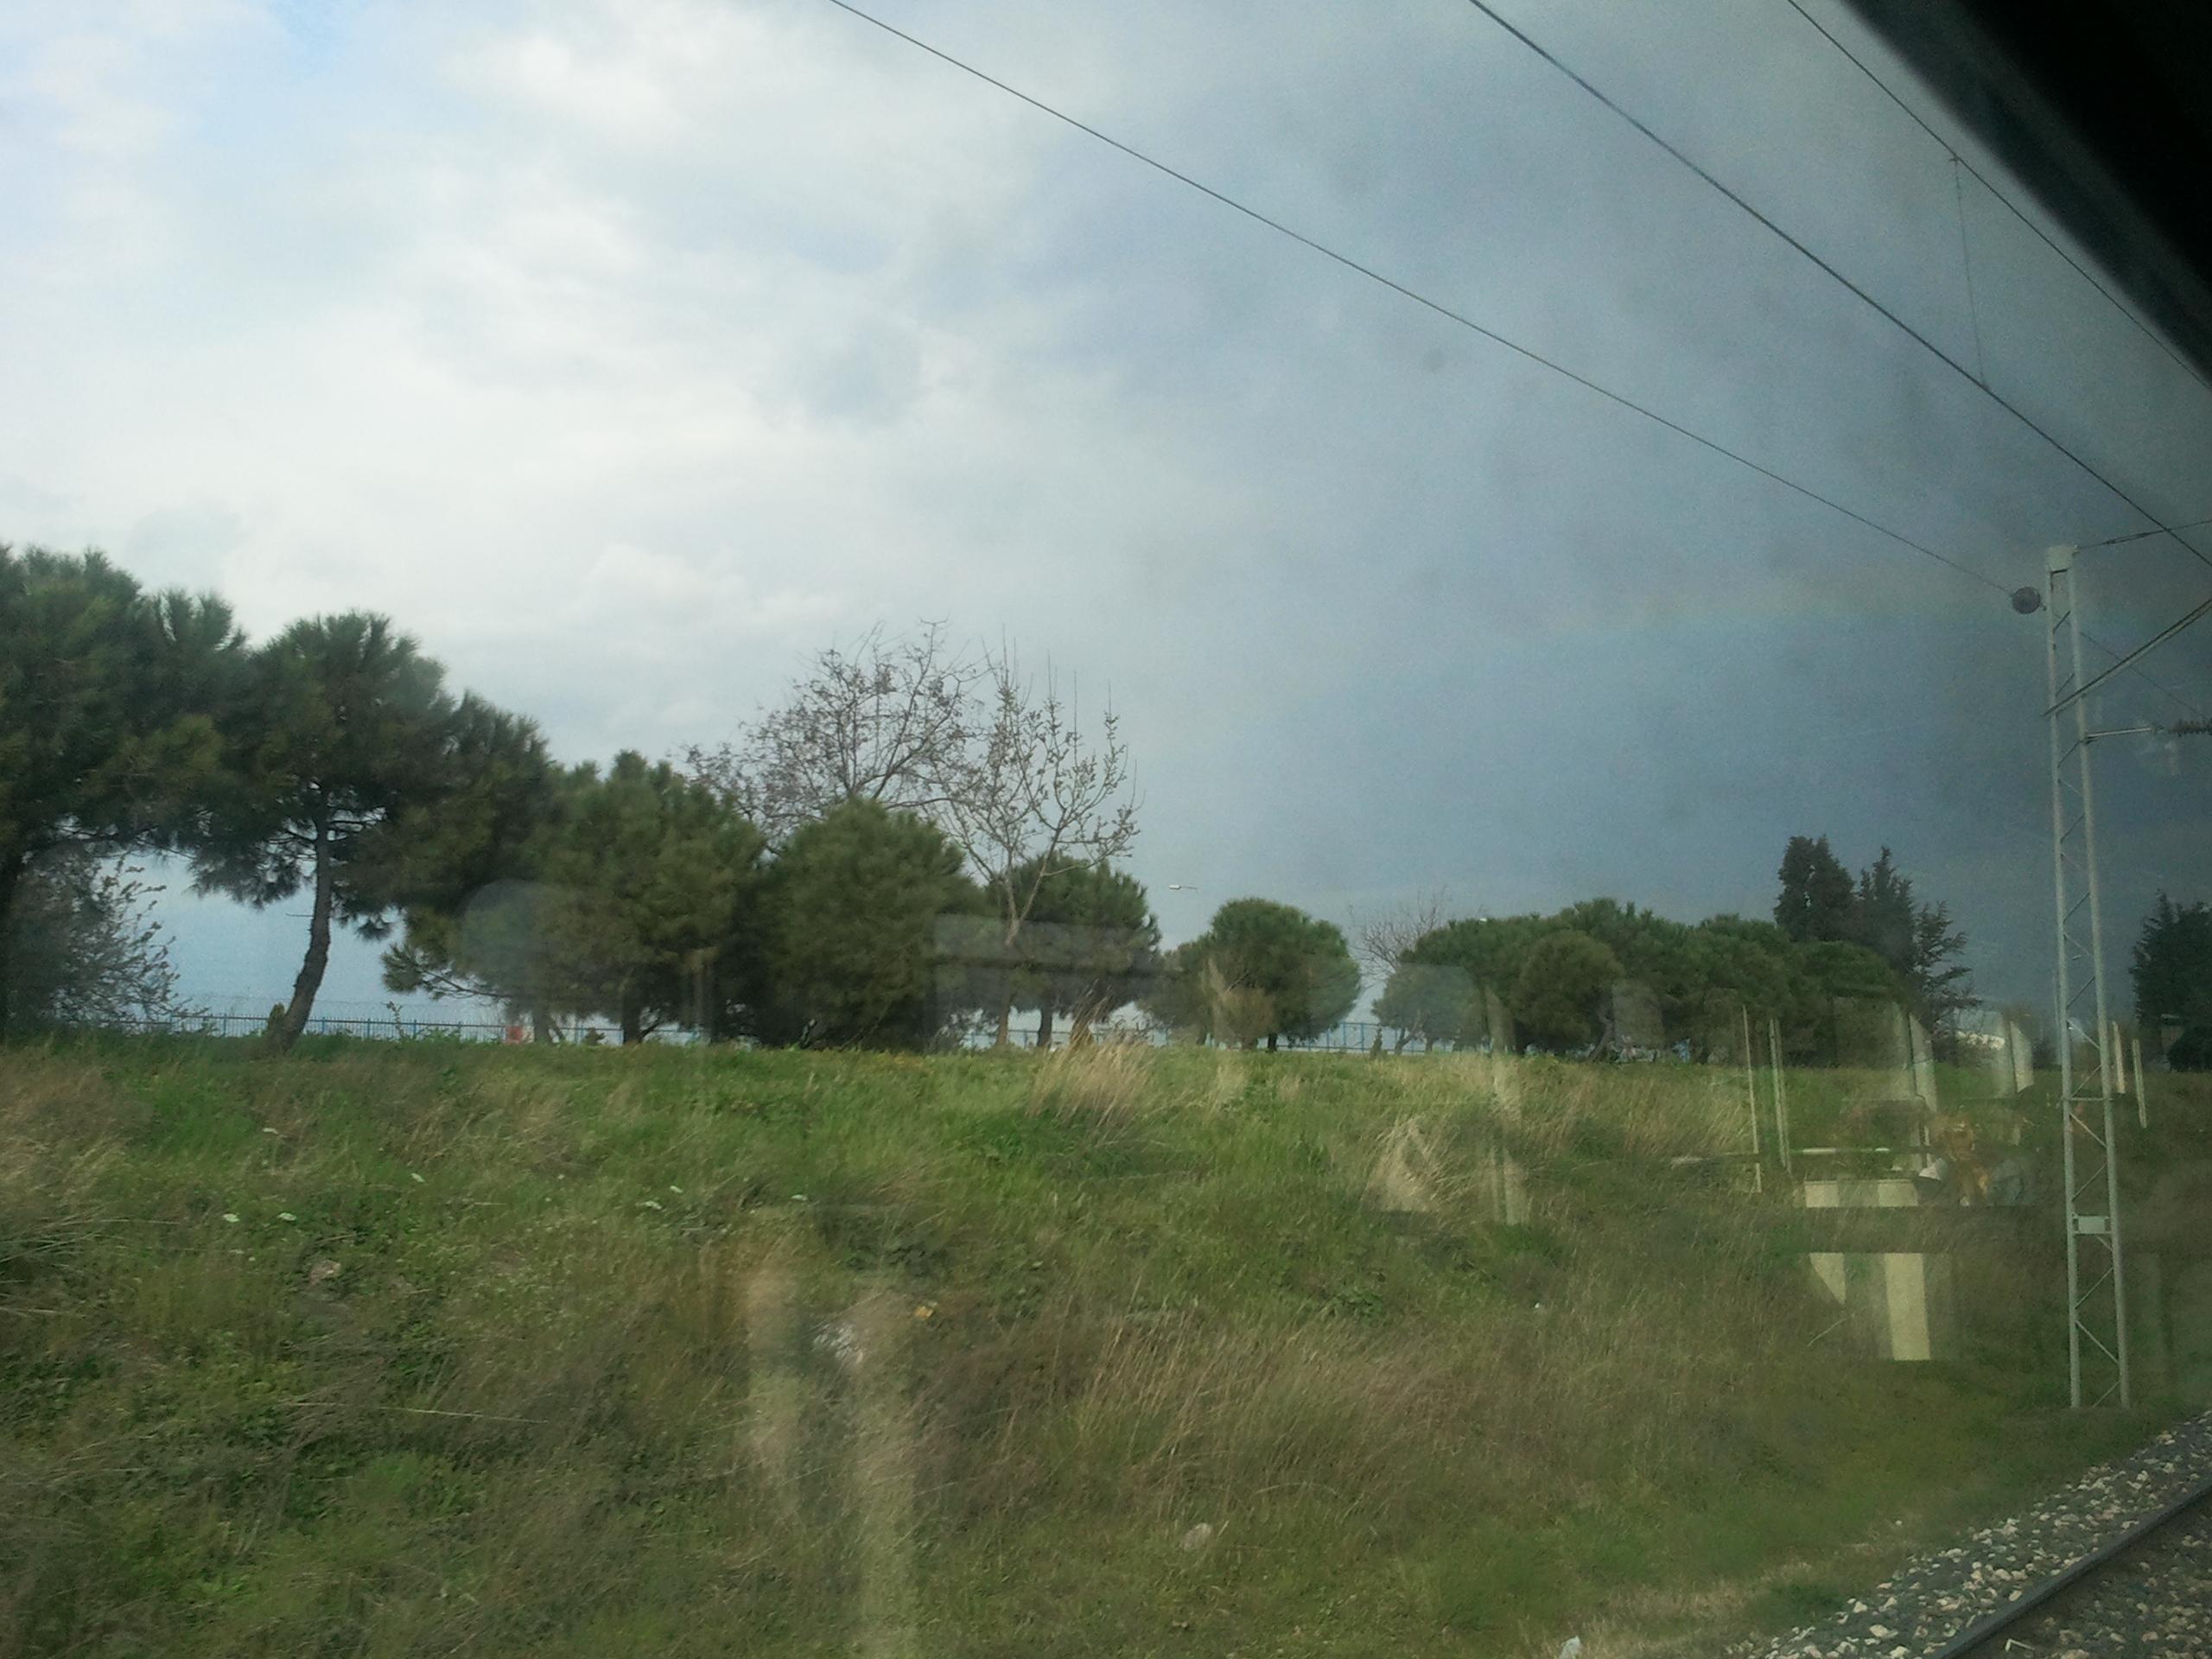 gökkuşağı - rainbow 2